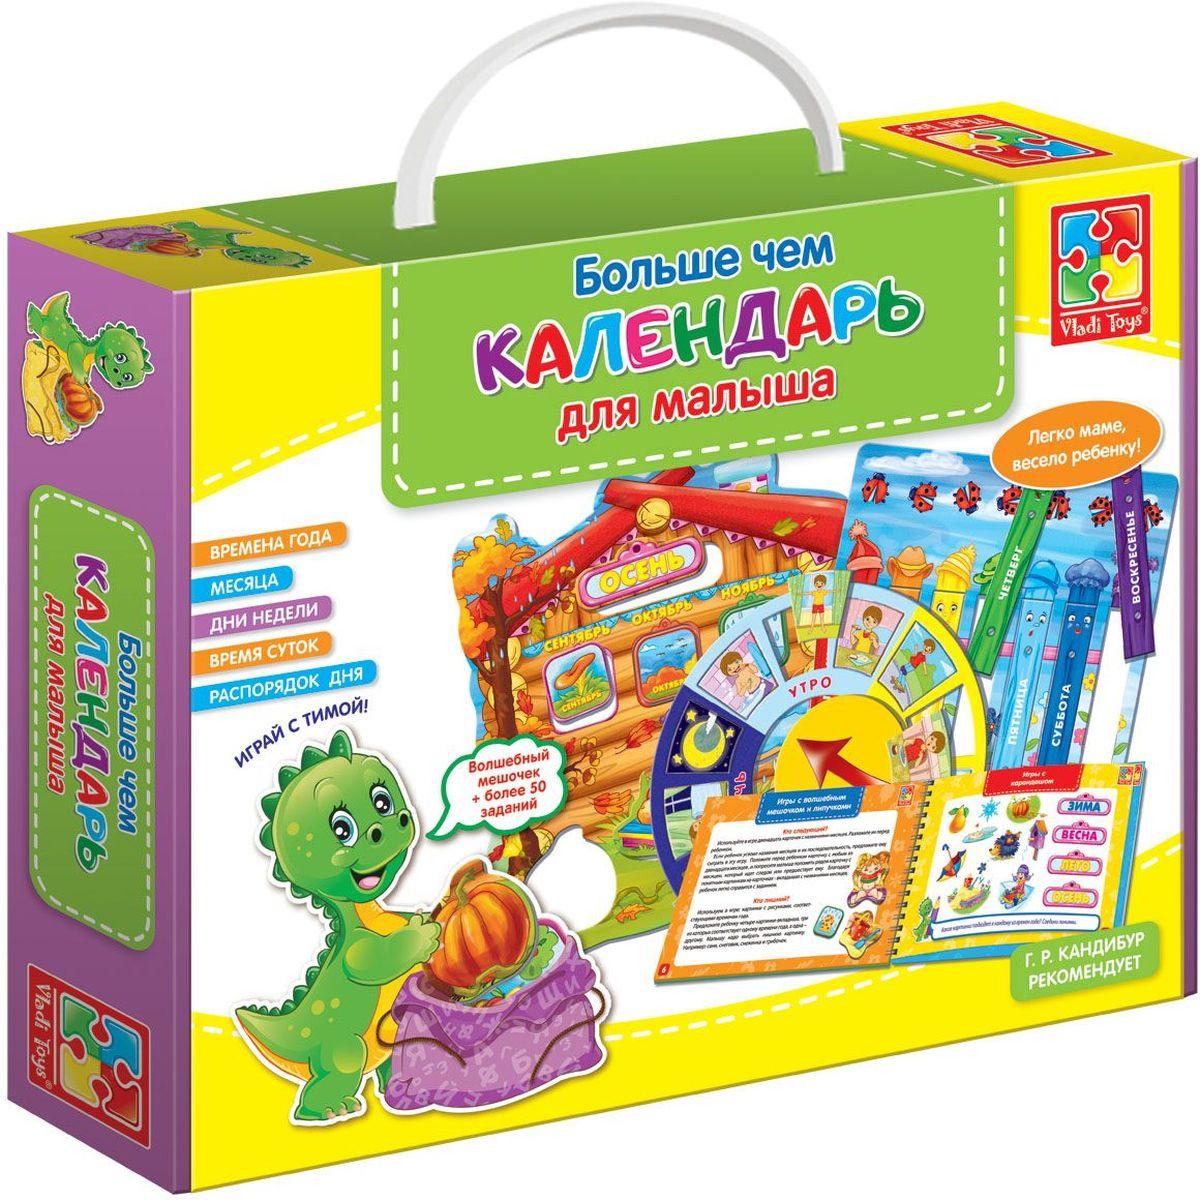 Vladi Toys Обучающая игра Больше чем календарь для малышаVT2801-08Обучающая игра Vladi Toys Больше чем календарь для малыша включает 4 двусторонних игровых поля, 20 деталей, 48 липучек, пособие с заданиями, наклейку-декор и мешочек из ткани. Особенности: главный герой динозаврик Тима, волшебный мешочек, пособие с простыми и понятными заданиями, комплексный подход к обучению.